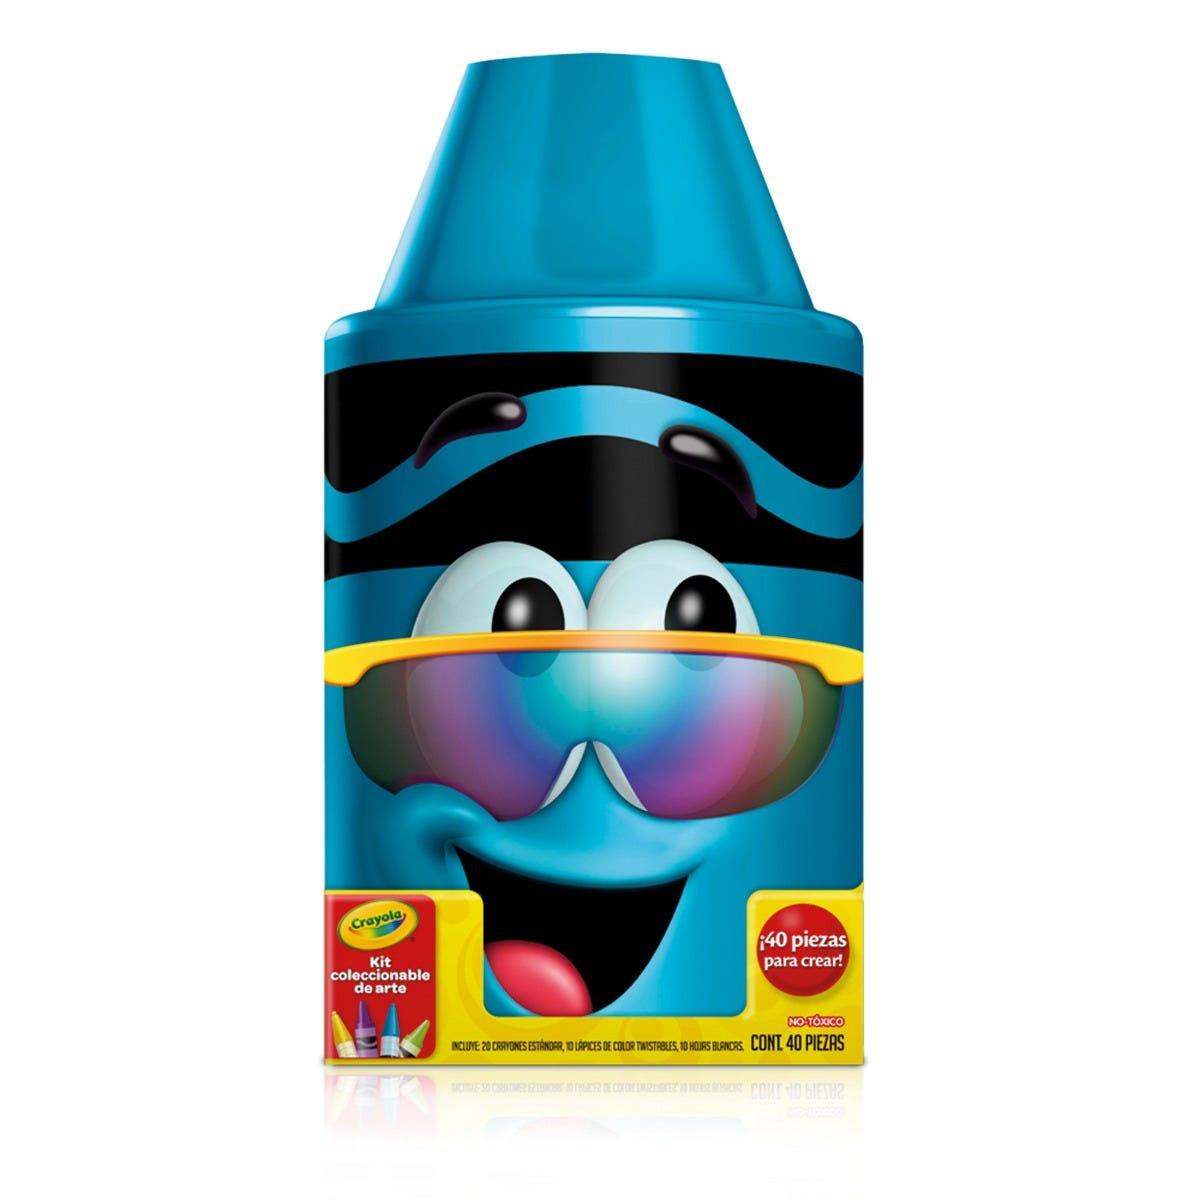 Kit coleccionable de arte Crayola® en azul